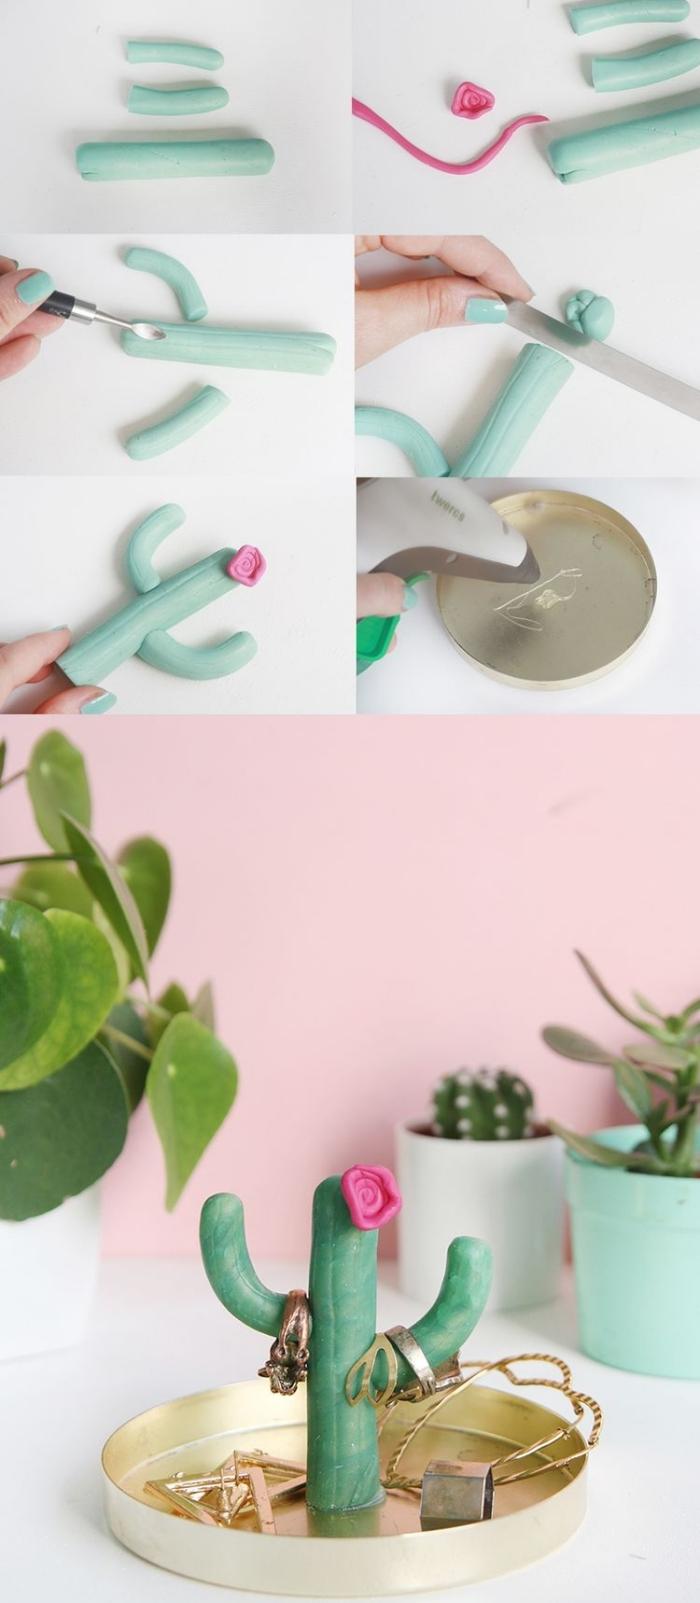 étapes à suivre pour faire un organisateur bijoux facile, diy coupelle à design doré avec cactus en plâtre vert menthe